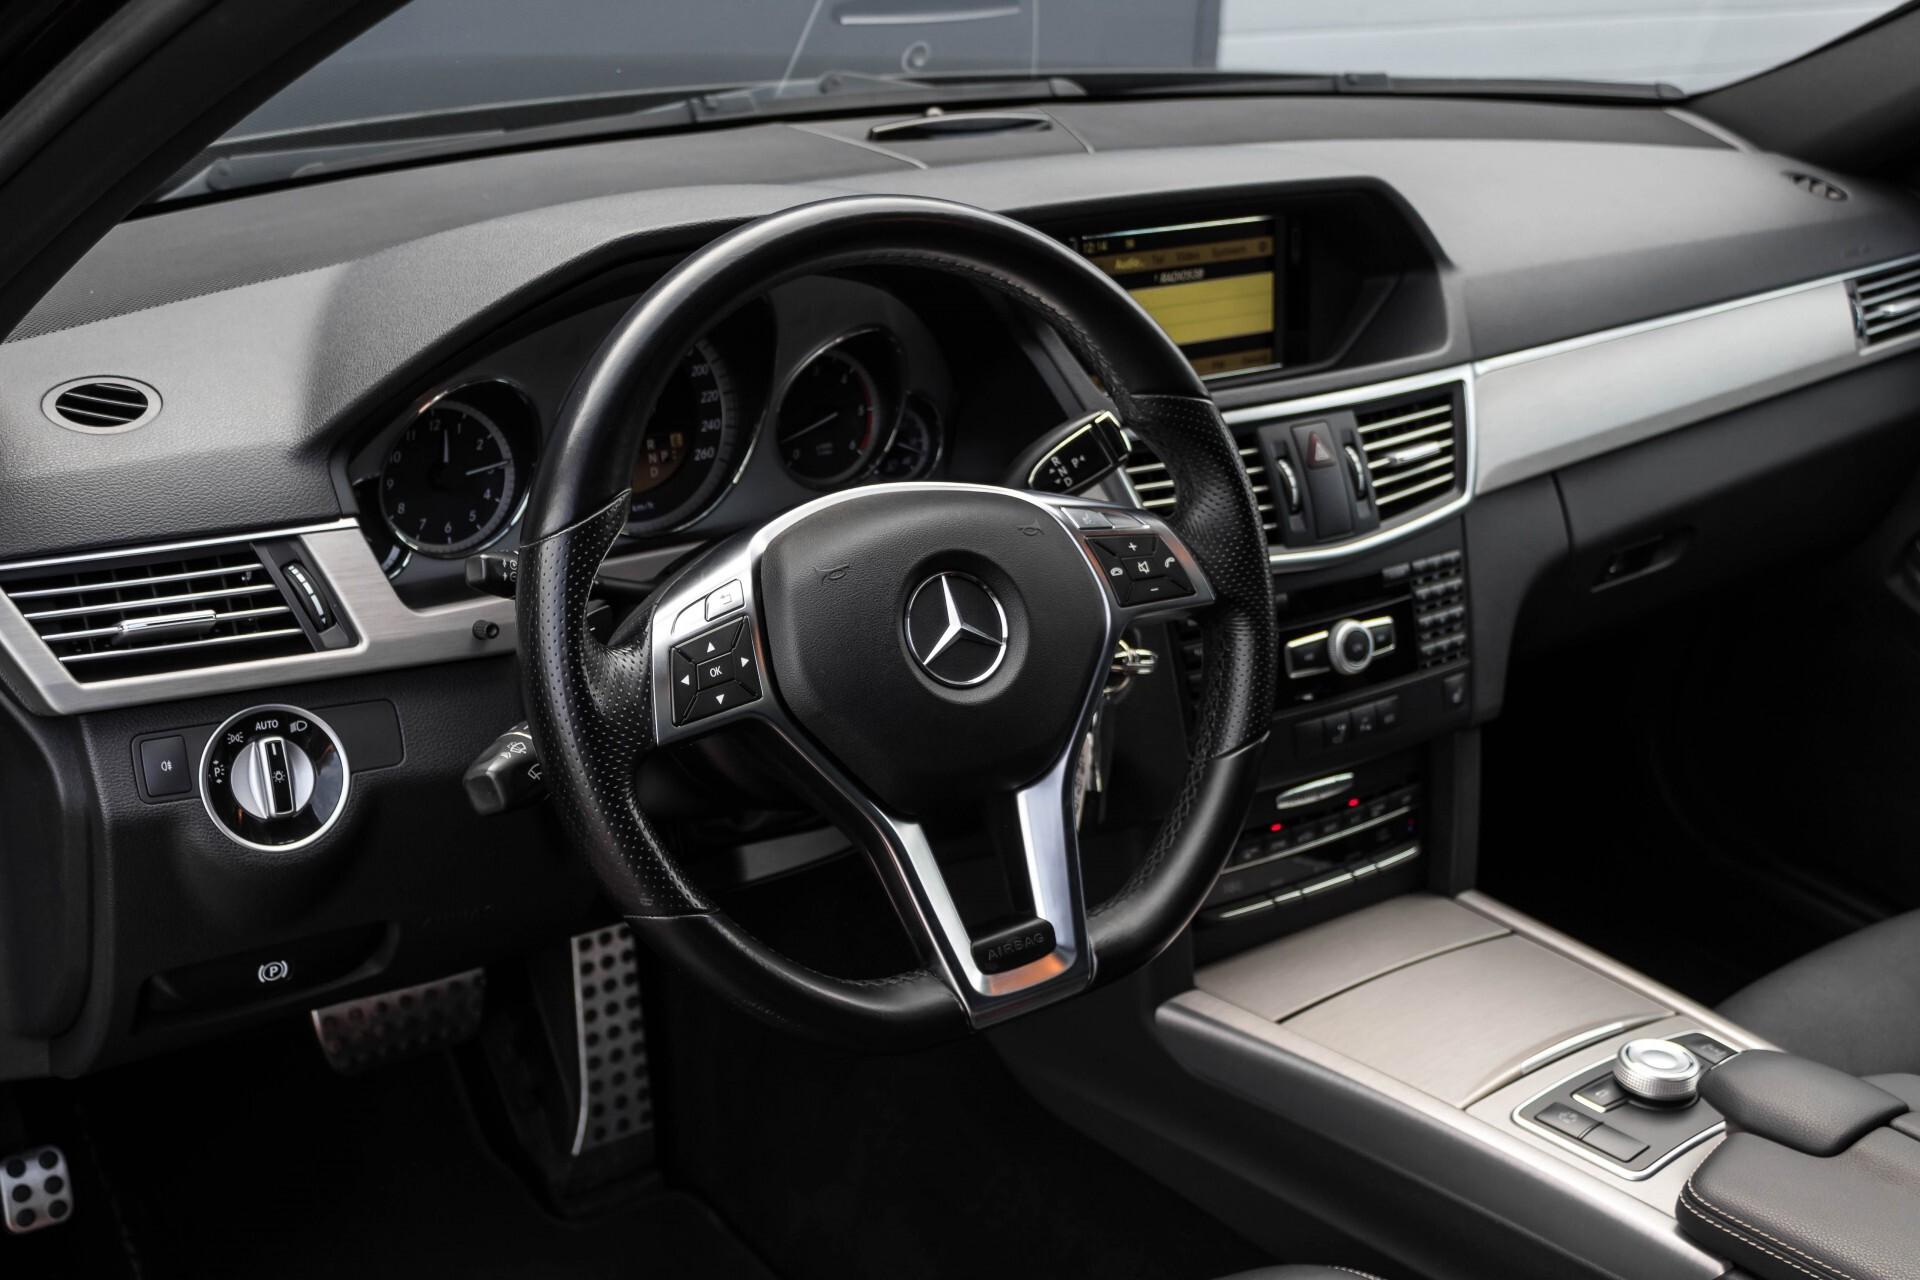 Mercedes-Benz E-Klasse Estate 350 Cdi AMG Luchtvering/Schuifdak/Comand/Harman Kardon/ILS Aut7 Foto 9